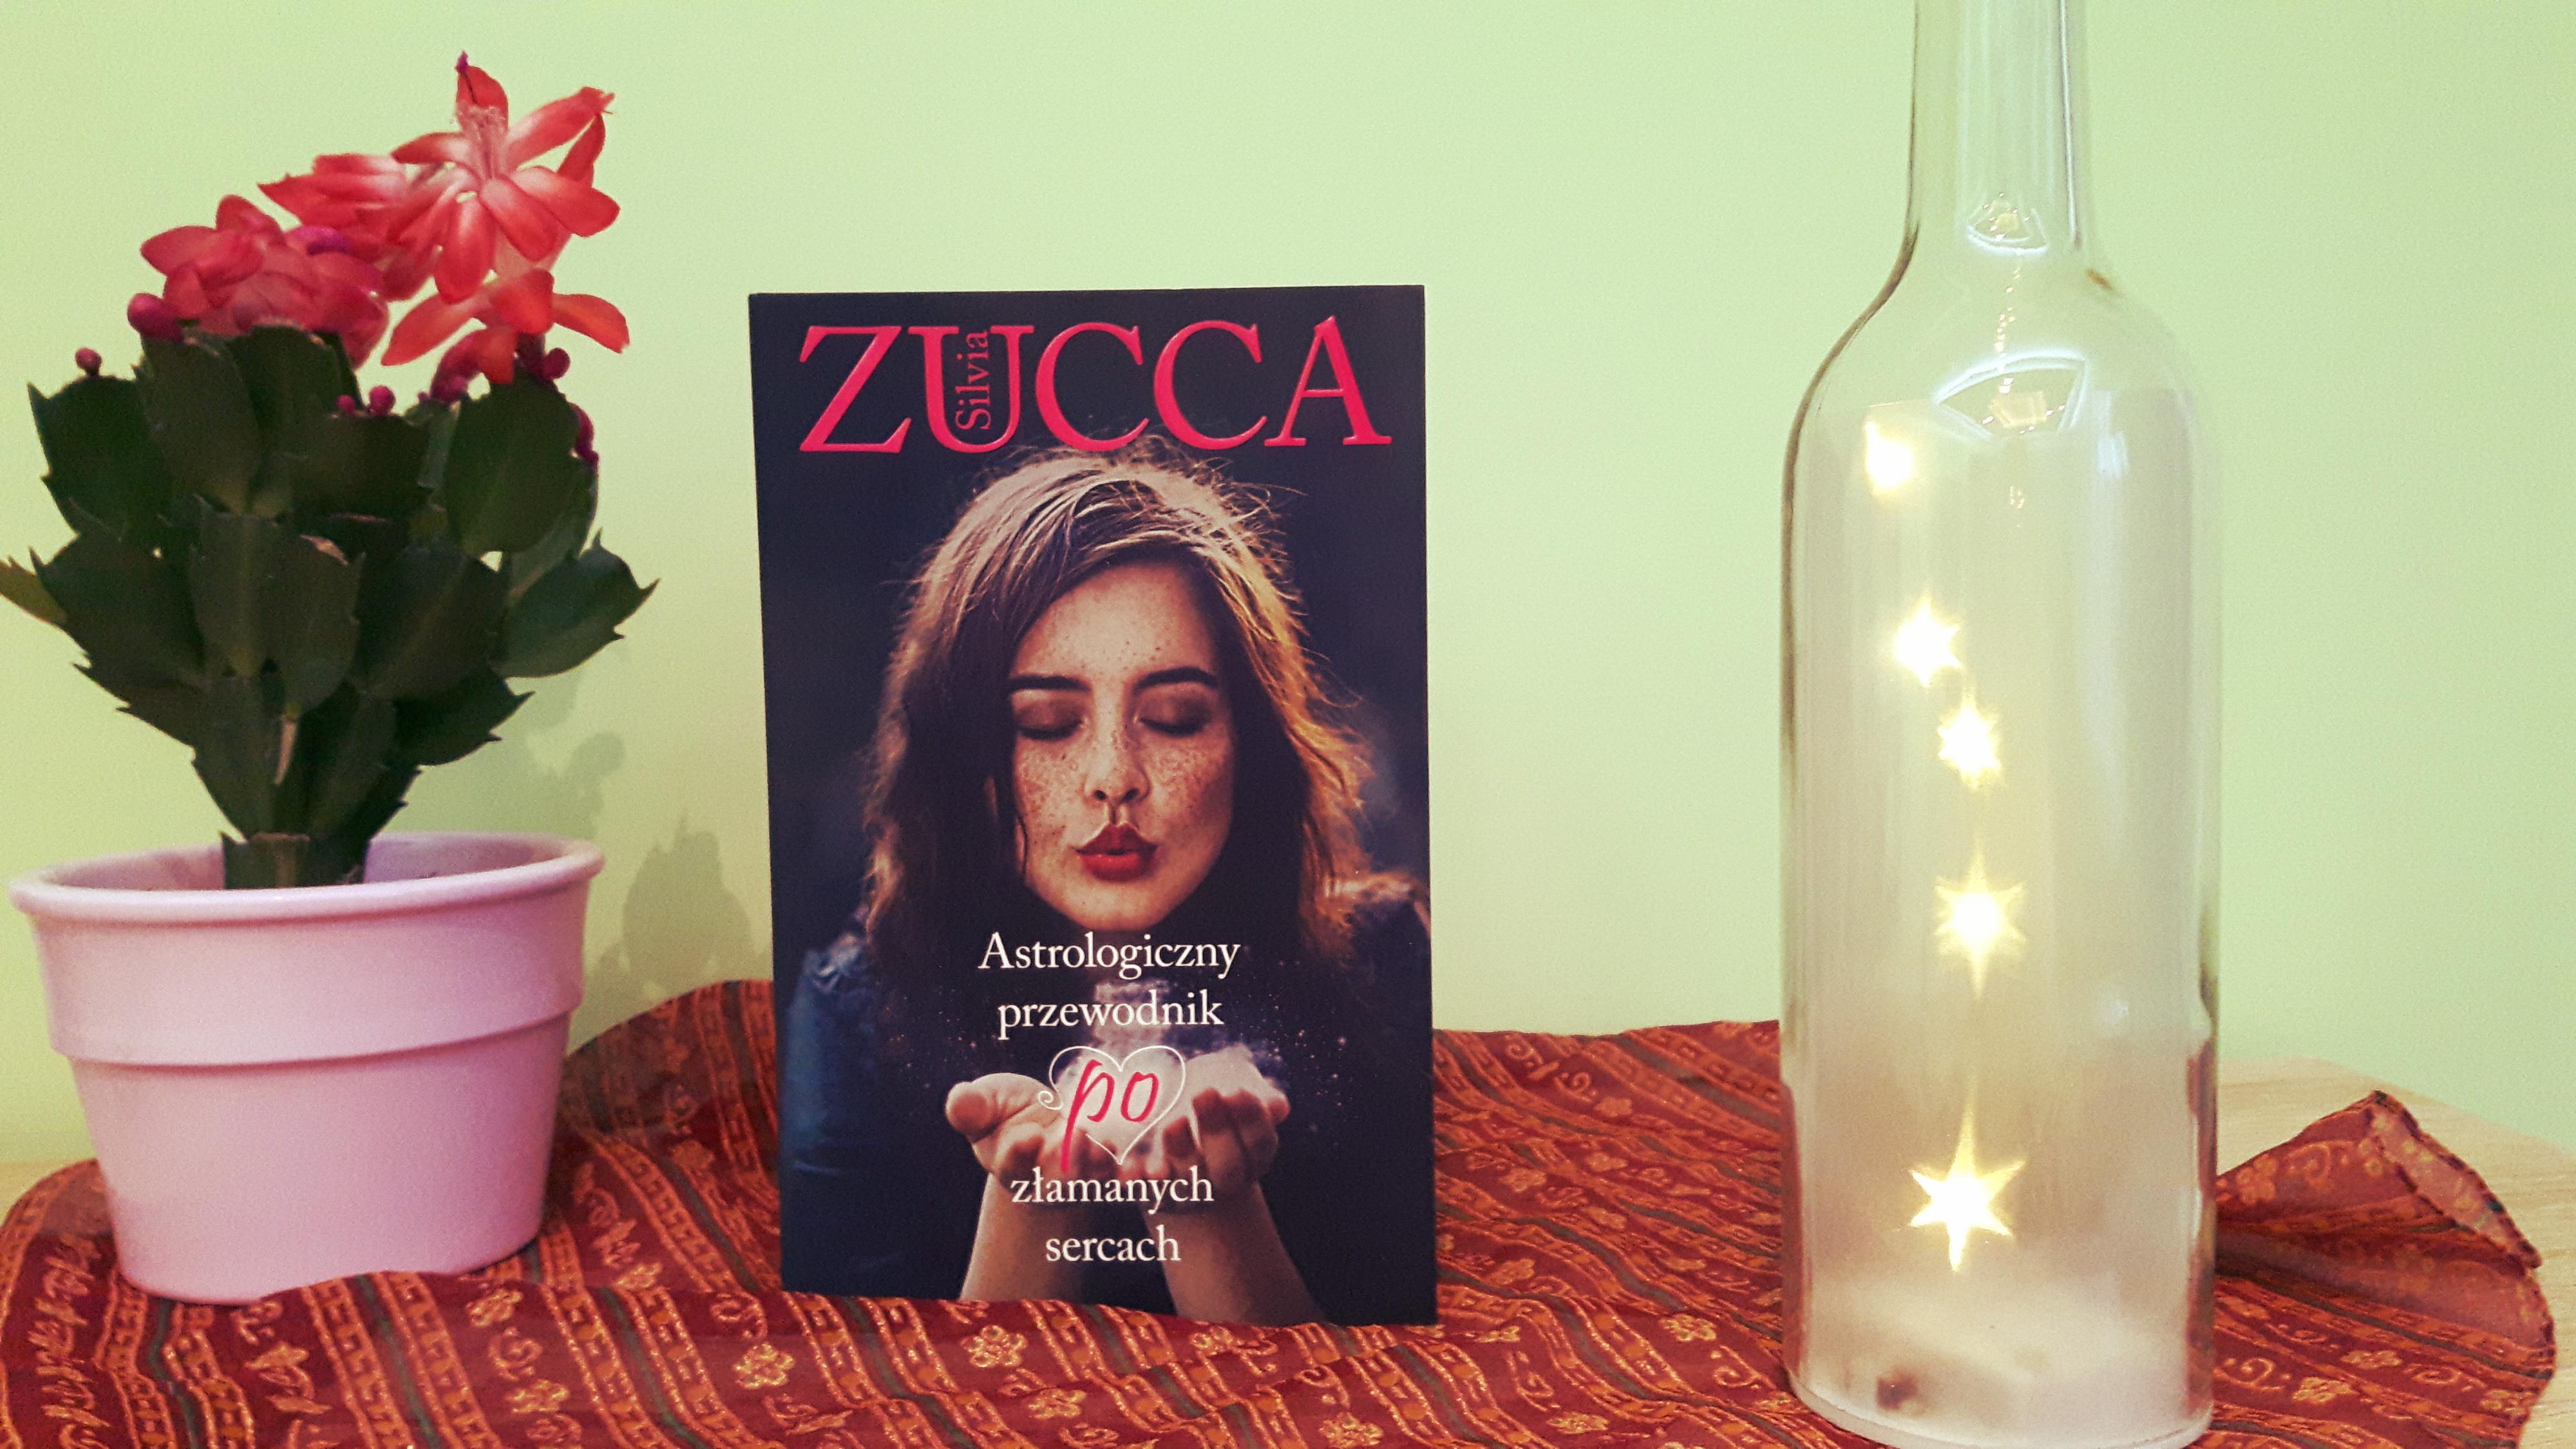 """Silvia Zucca """"Astrologiczny przewodnik po złamanych sercach"""""""